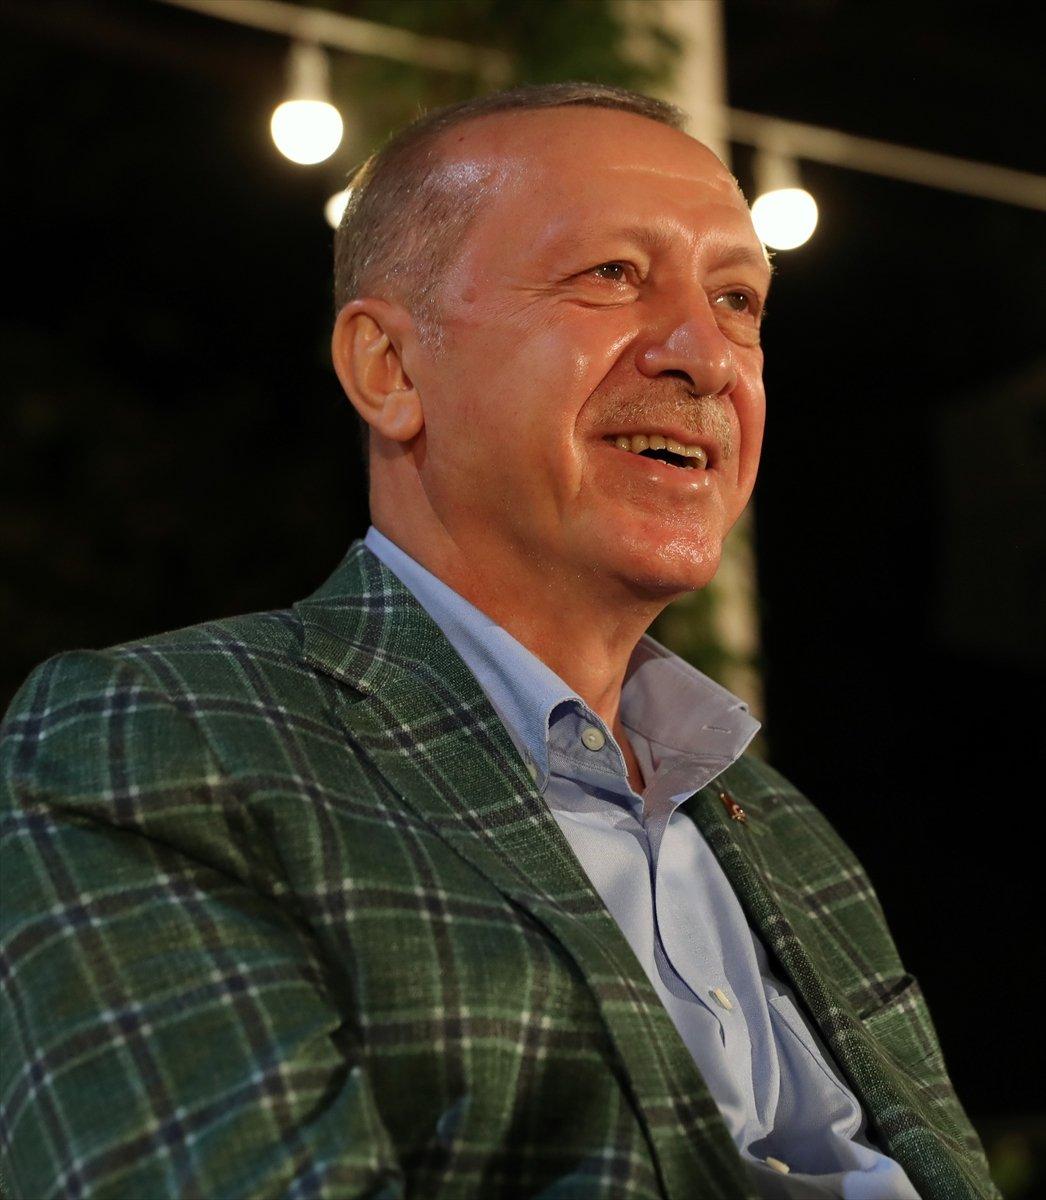 Cumhurbaşkanı Erdoğan, Adana da gençlerle buluştu #11